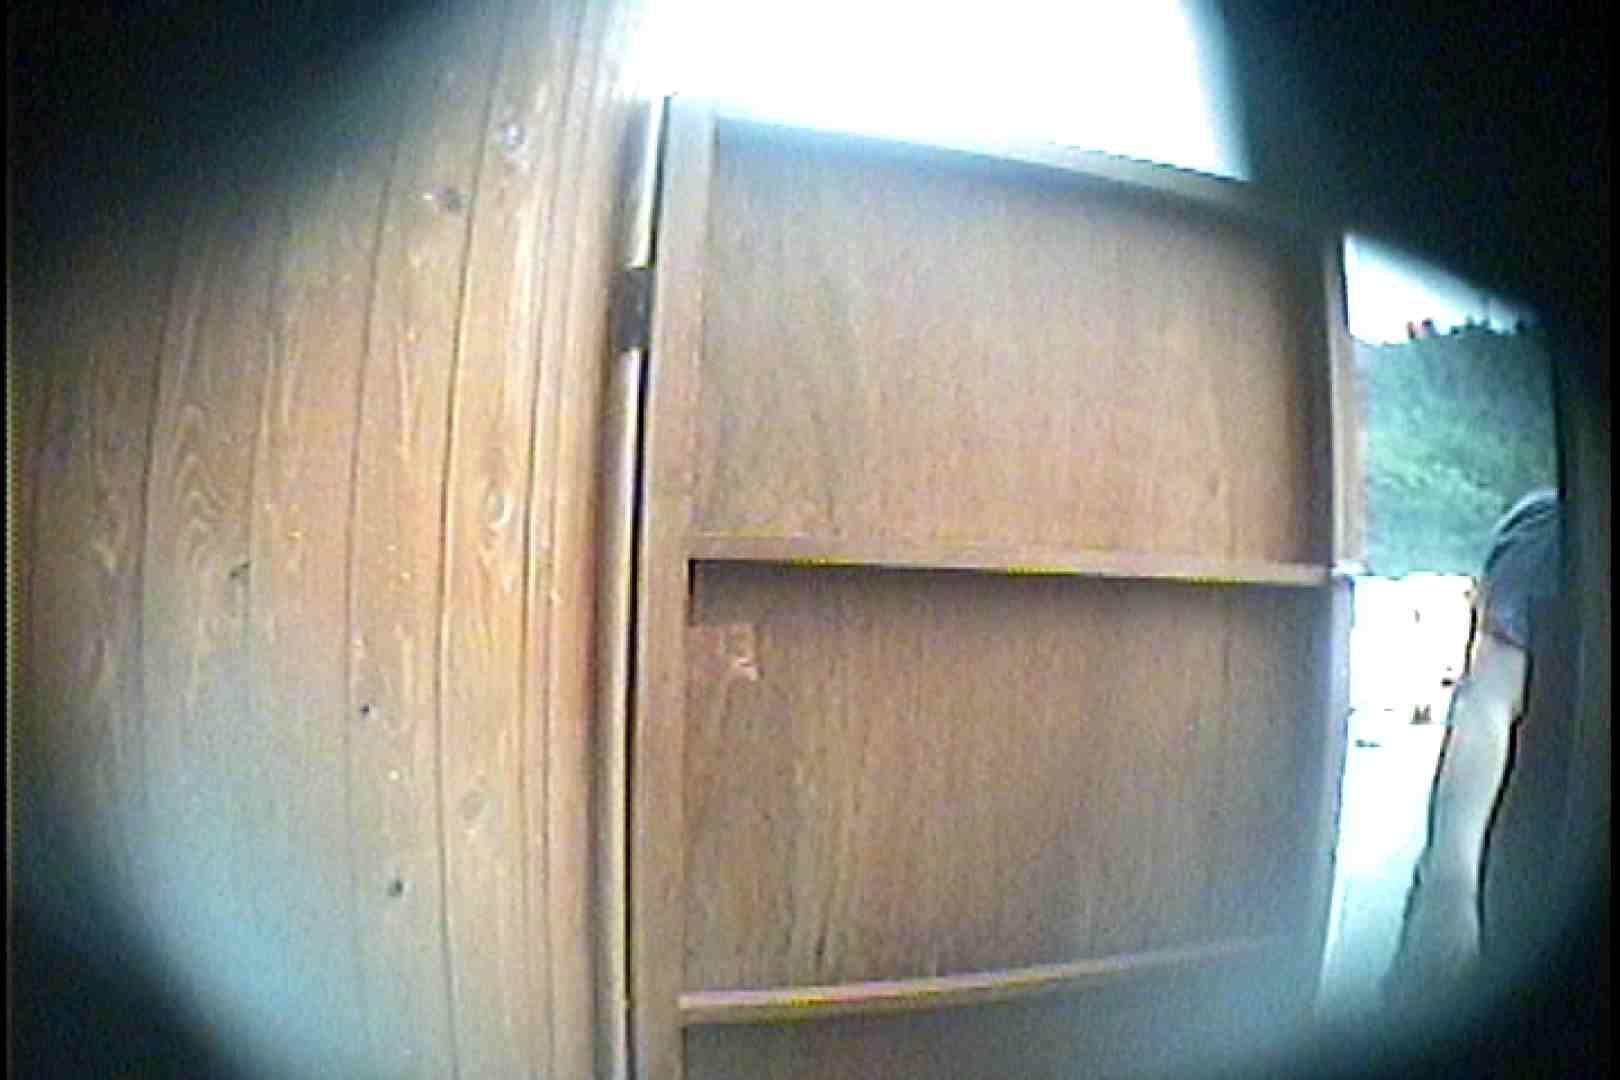 海の家の更衣室 Vol.24 美女 盗撮えろ無修正画像 74pic 20